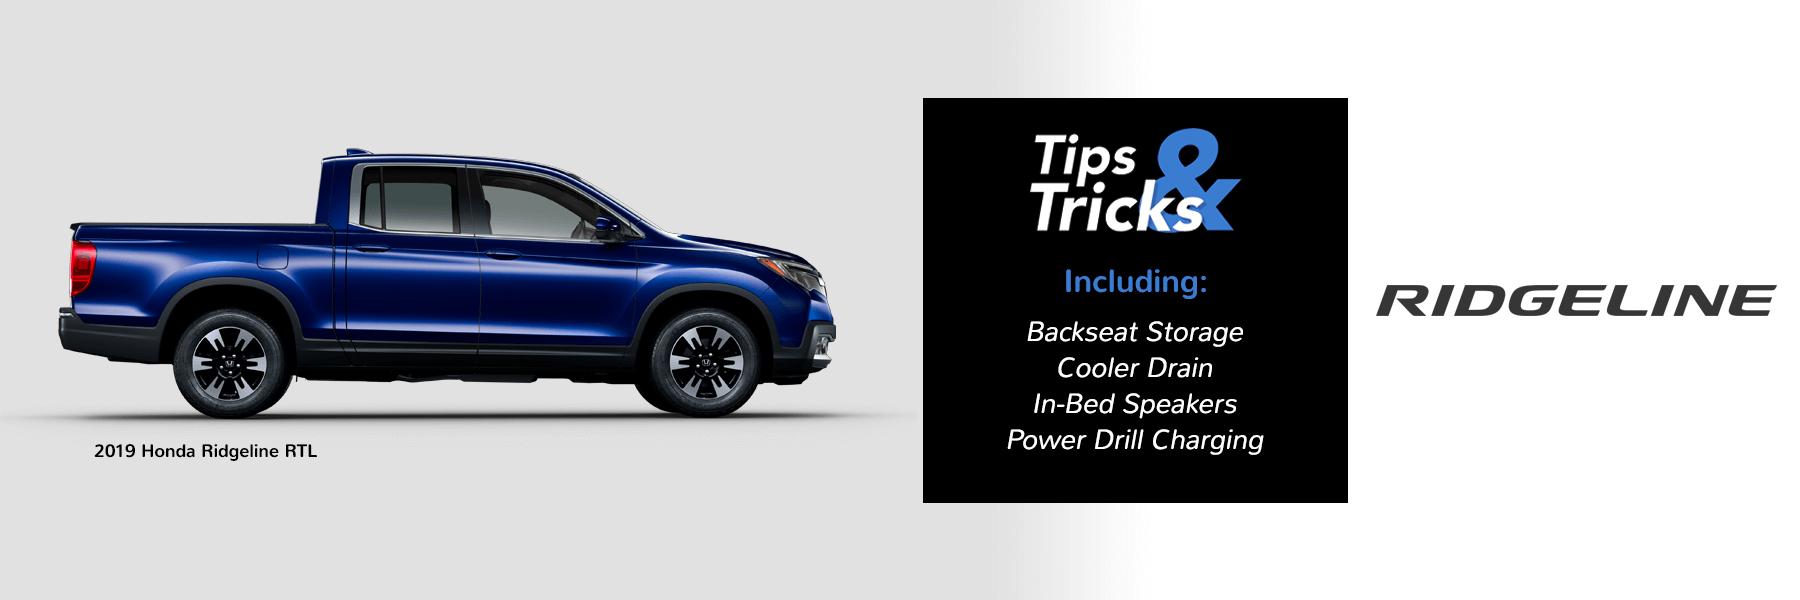 Honda Tips and Tricks 2019 Ridgeline Slider